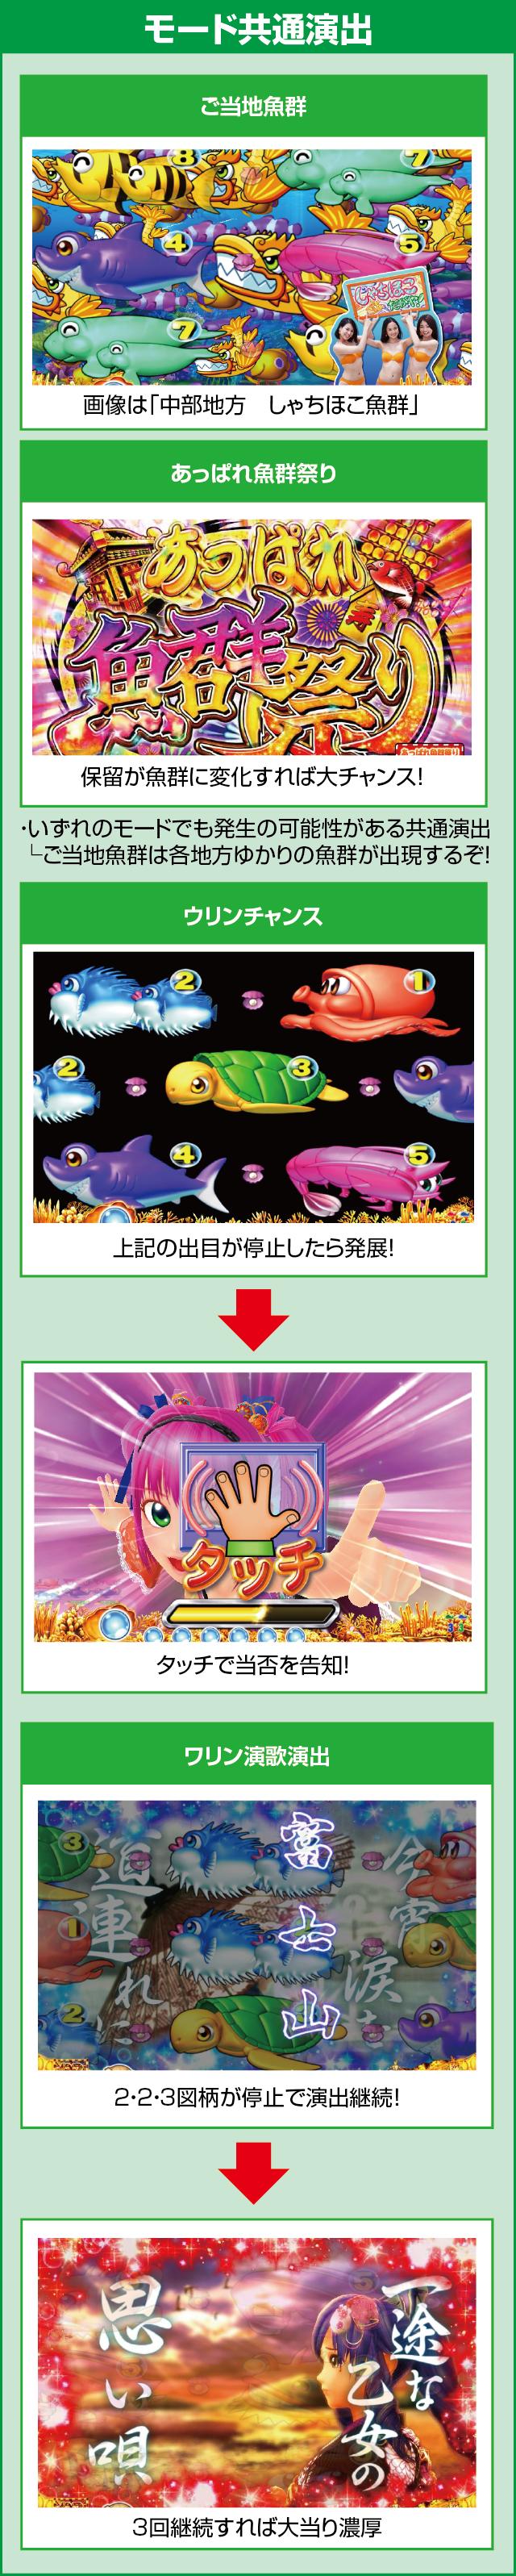 CRスーパー海物語IN JAPAN 金富士バージョン 319ver.のピックアップポイント